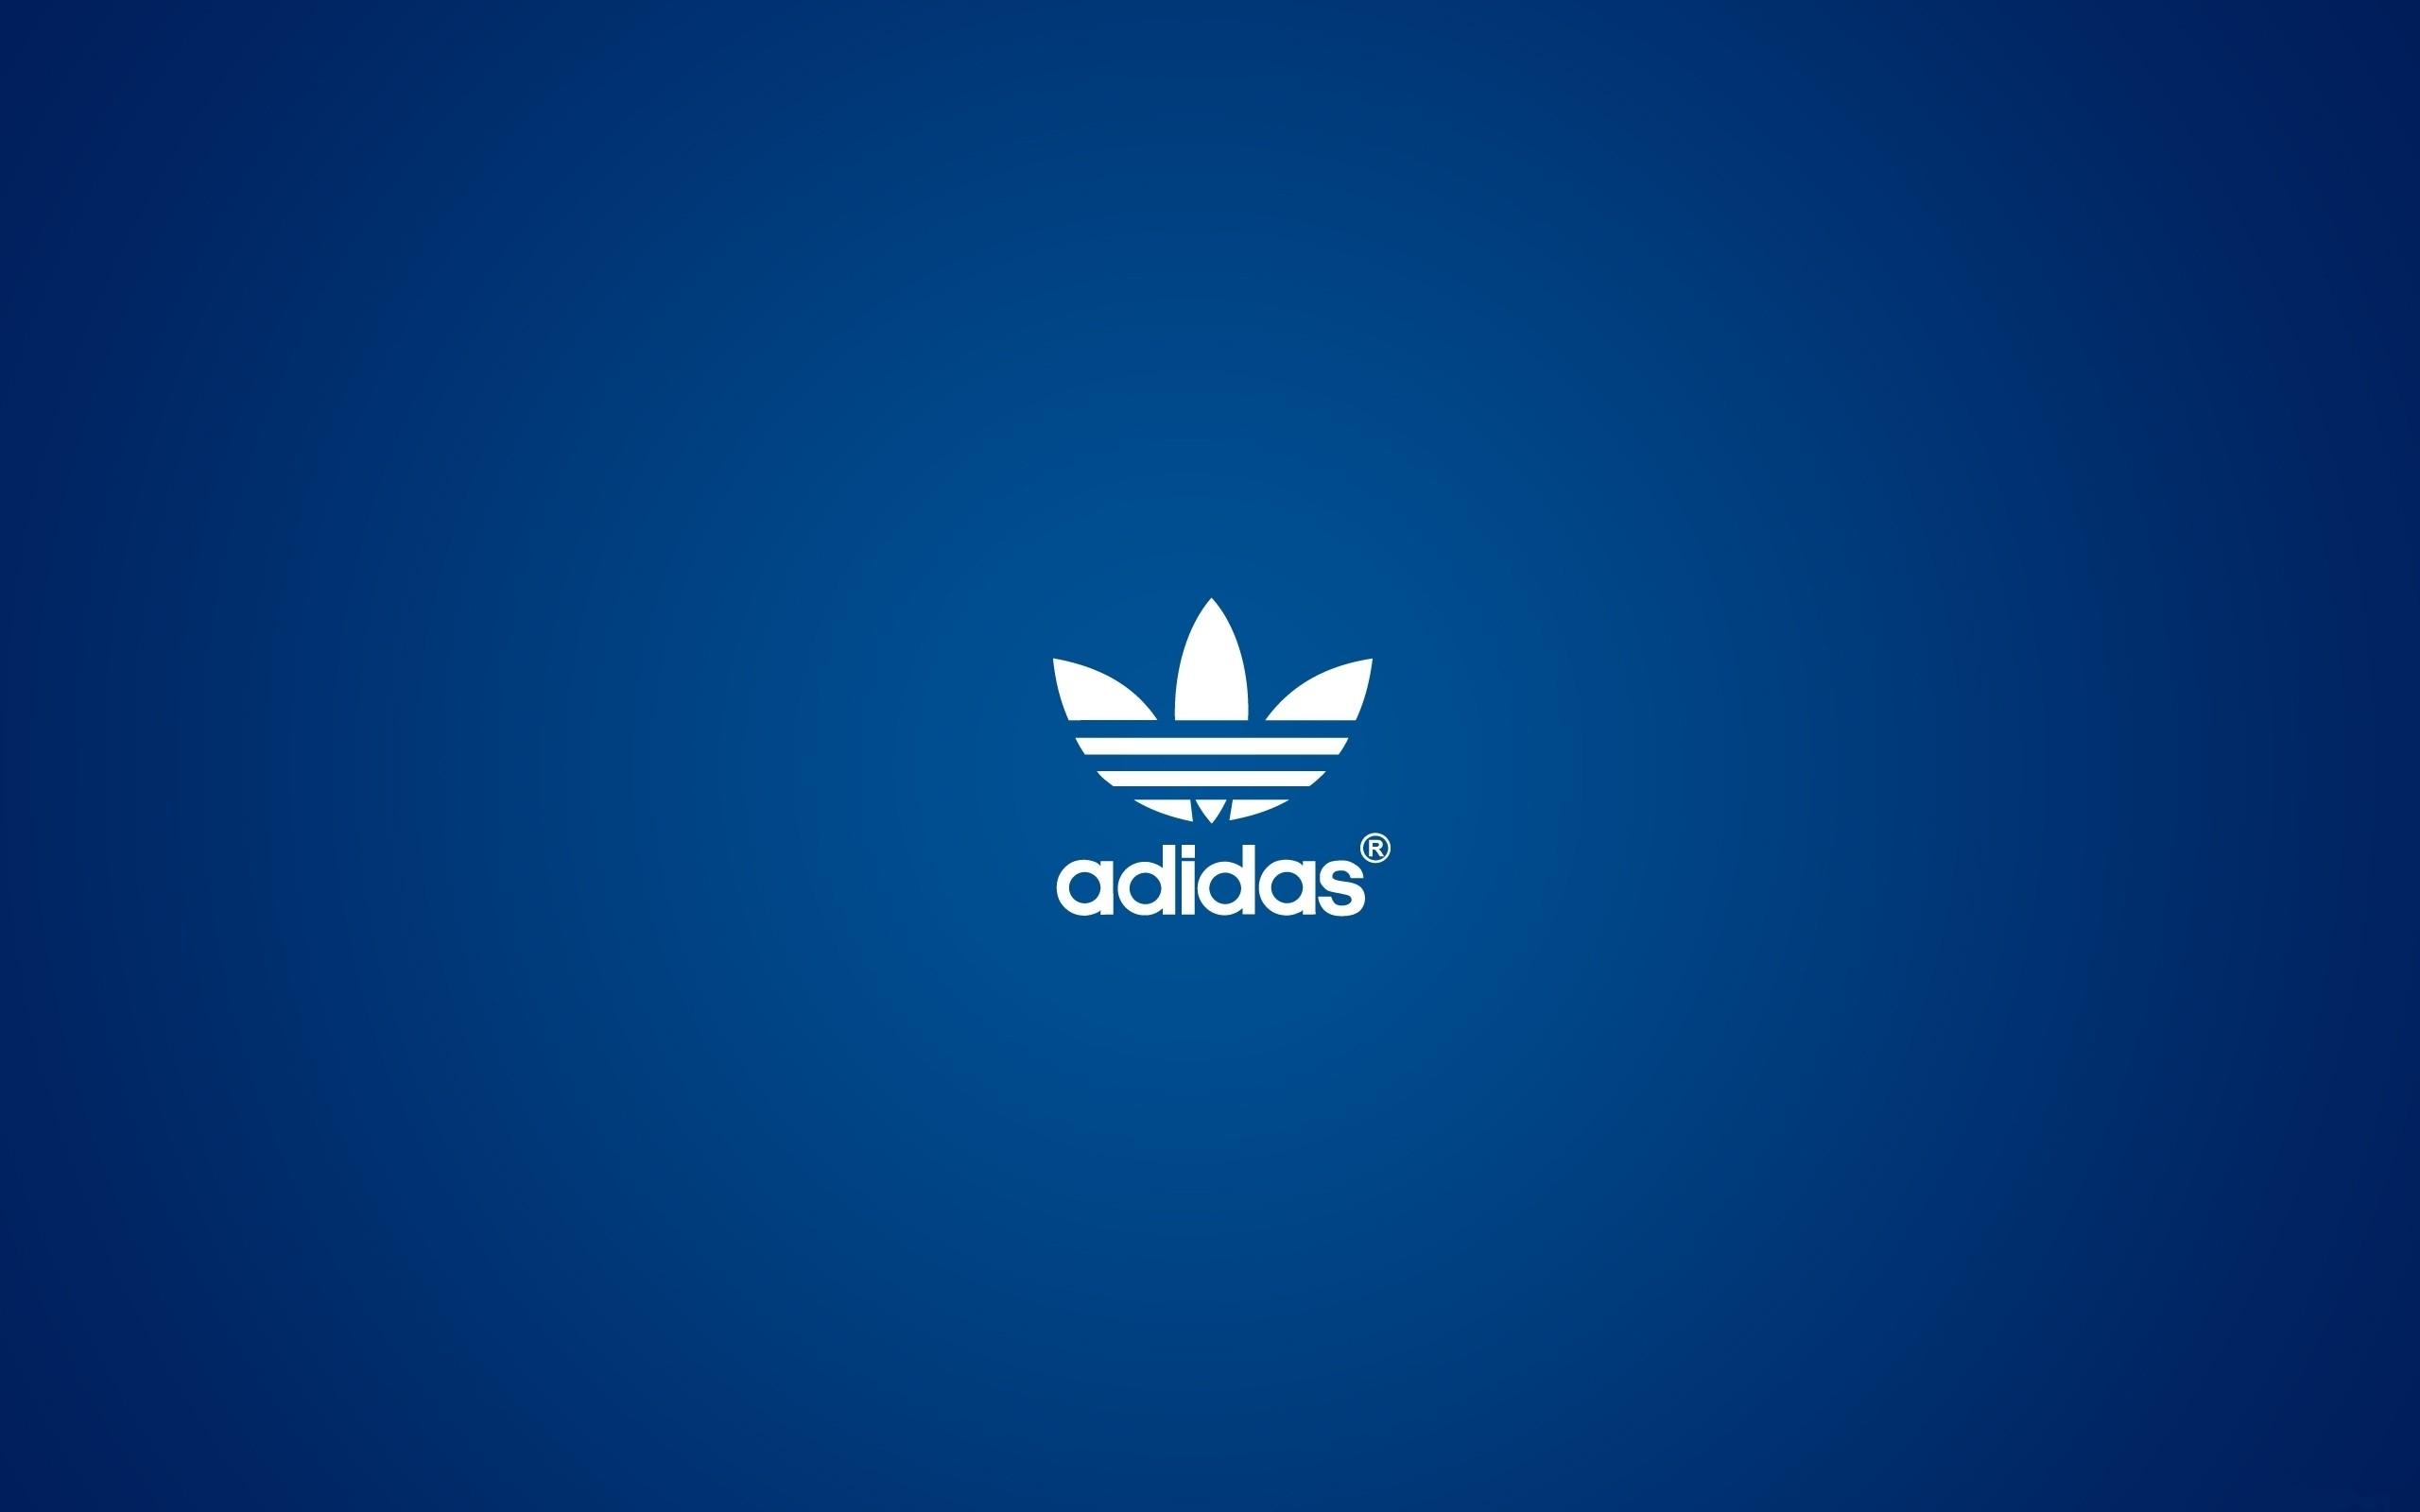 Adidas 2013 - 2560x1600